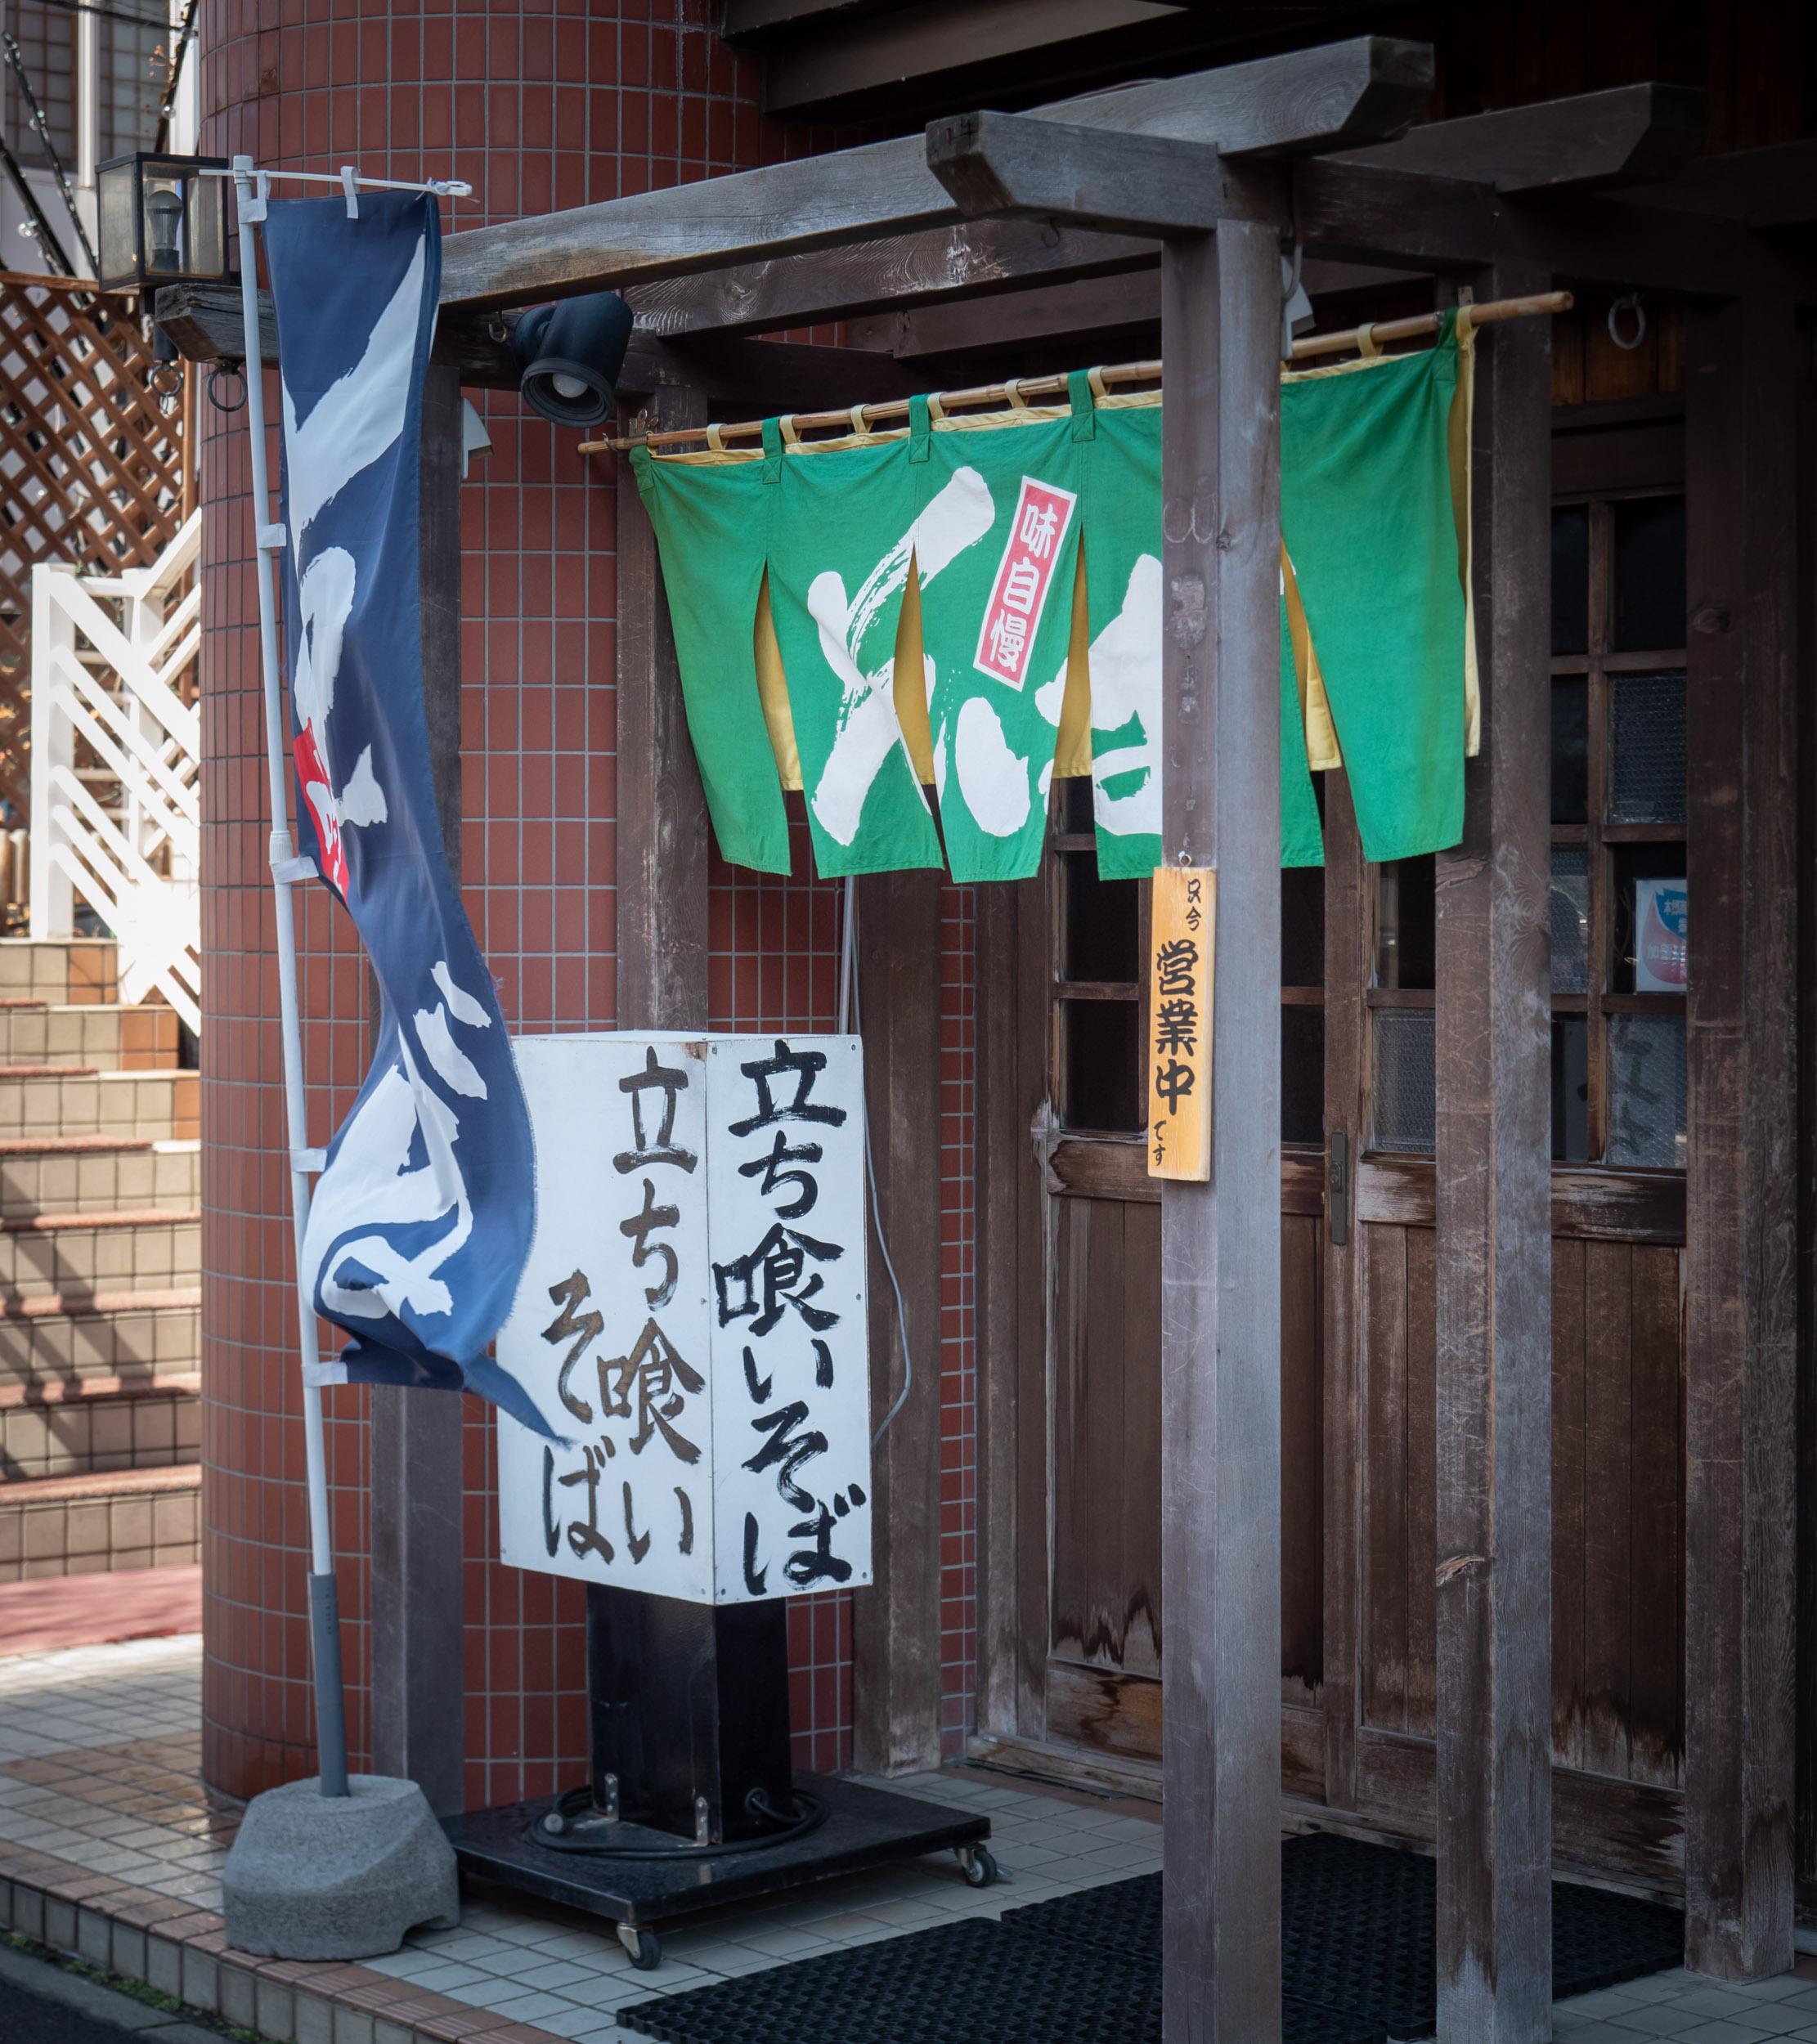 札幌市白石区本郷通8丁目北 立ち食いそば「味自慢 そば」の外観 DMC-GX8 + LEICA DG 12-60mm